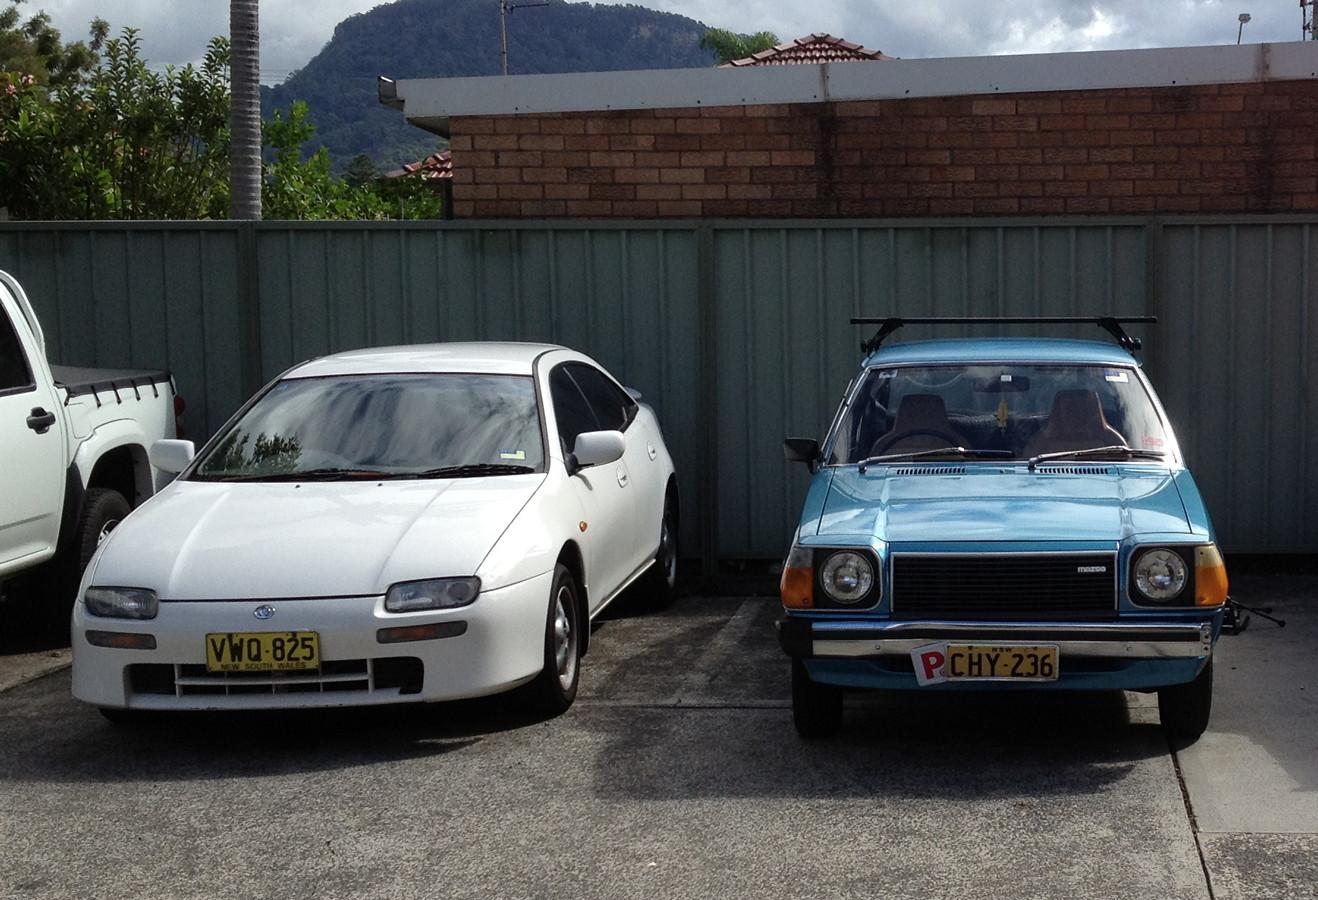 Mazda 323F BA, 323 FA, GLC, japońskie samochody, motoryzacja, kultowe auta, ciekawe, fajne, desing